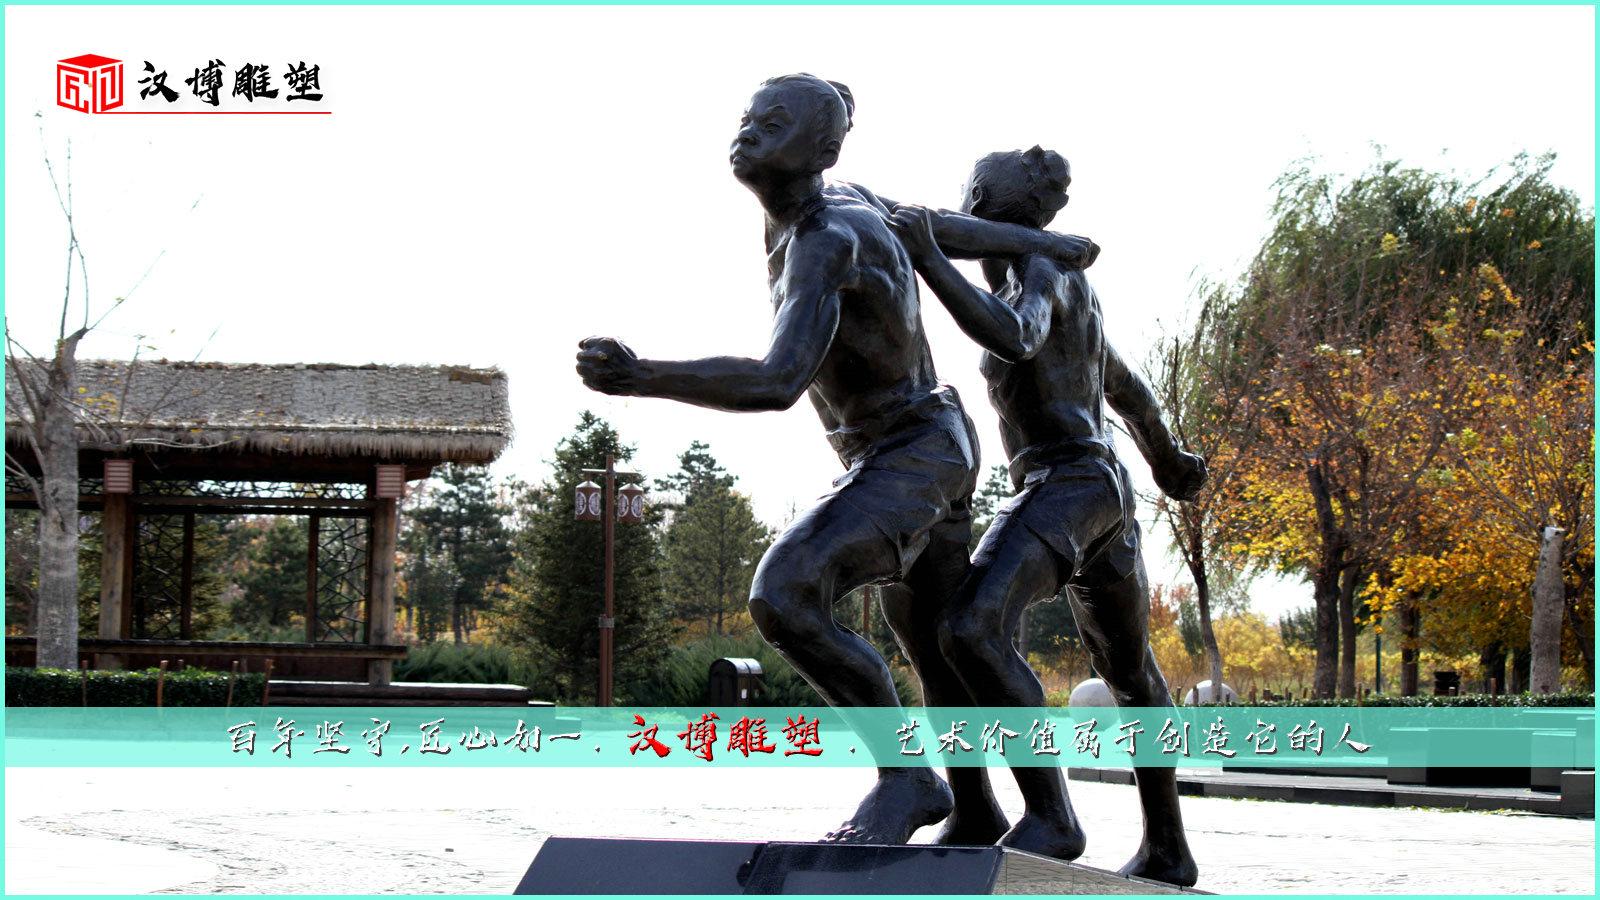 纤夫艺术雕像,诠释人与自然抗争的精神力量